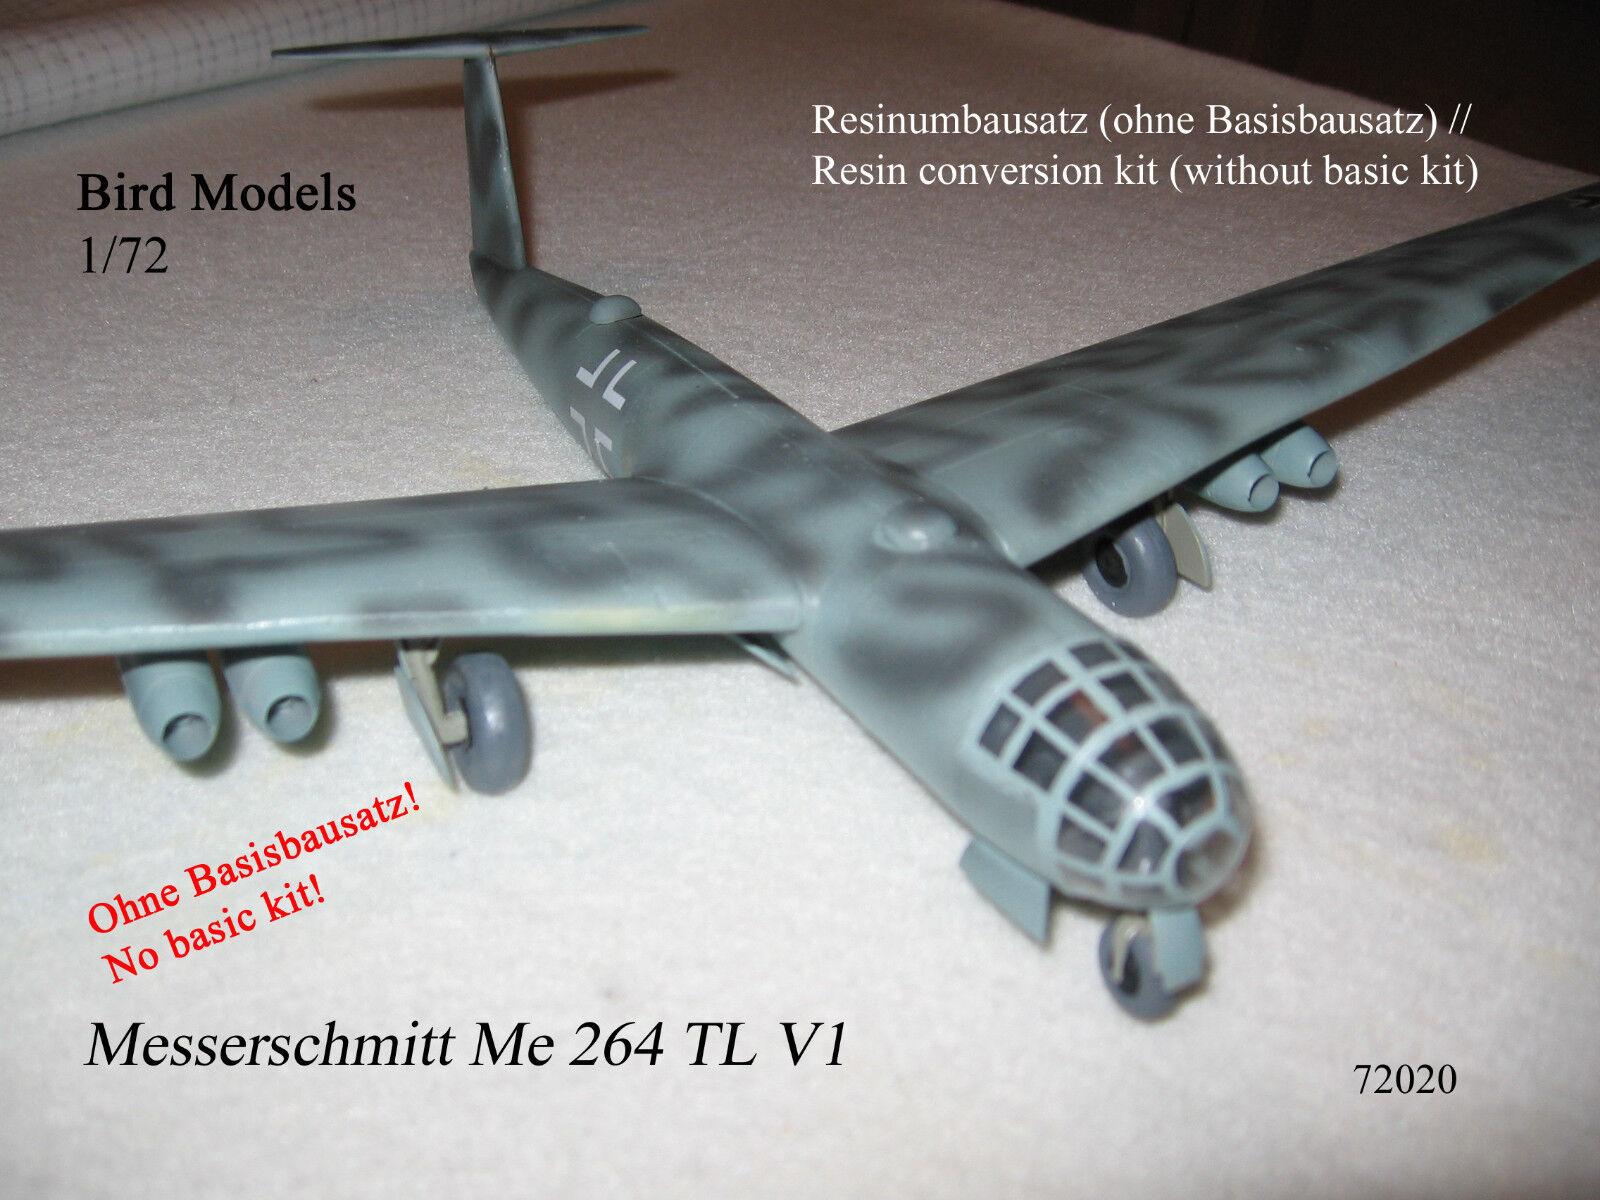 Messerschmitt Me 264 TL V1  1 72 Bird Models Resinumbausatz   resin conversion